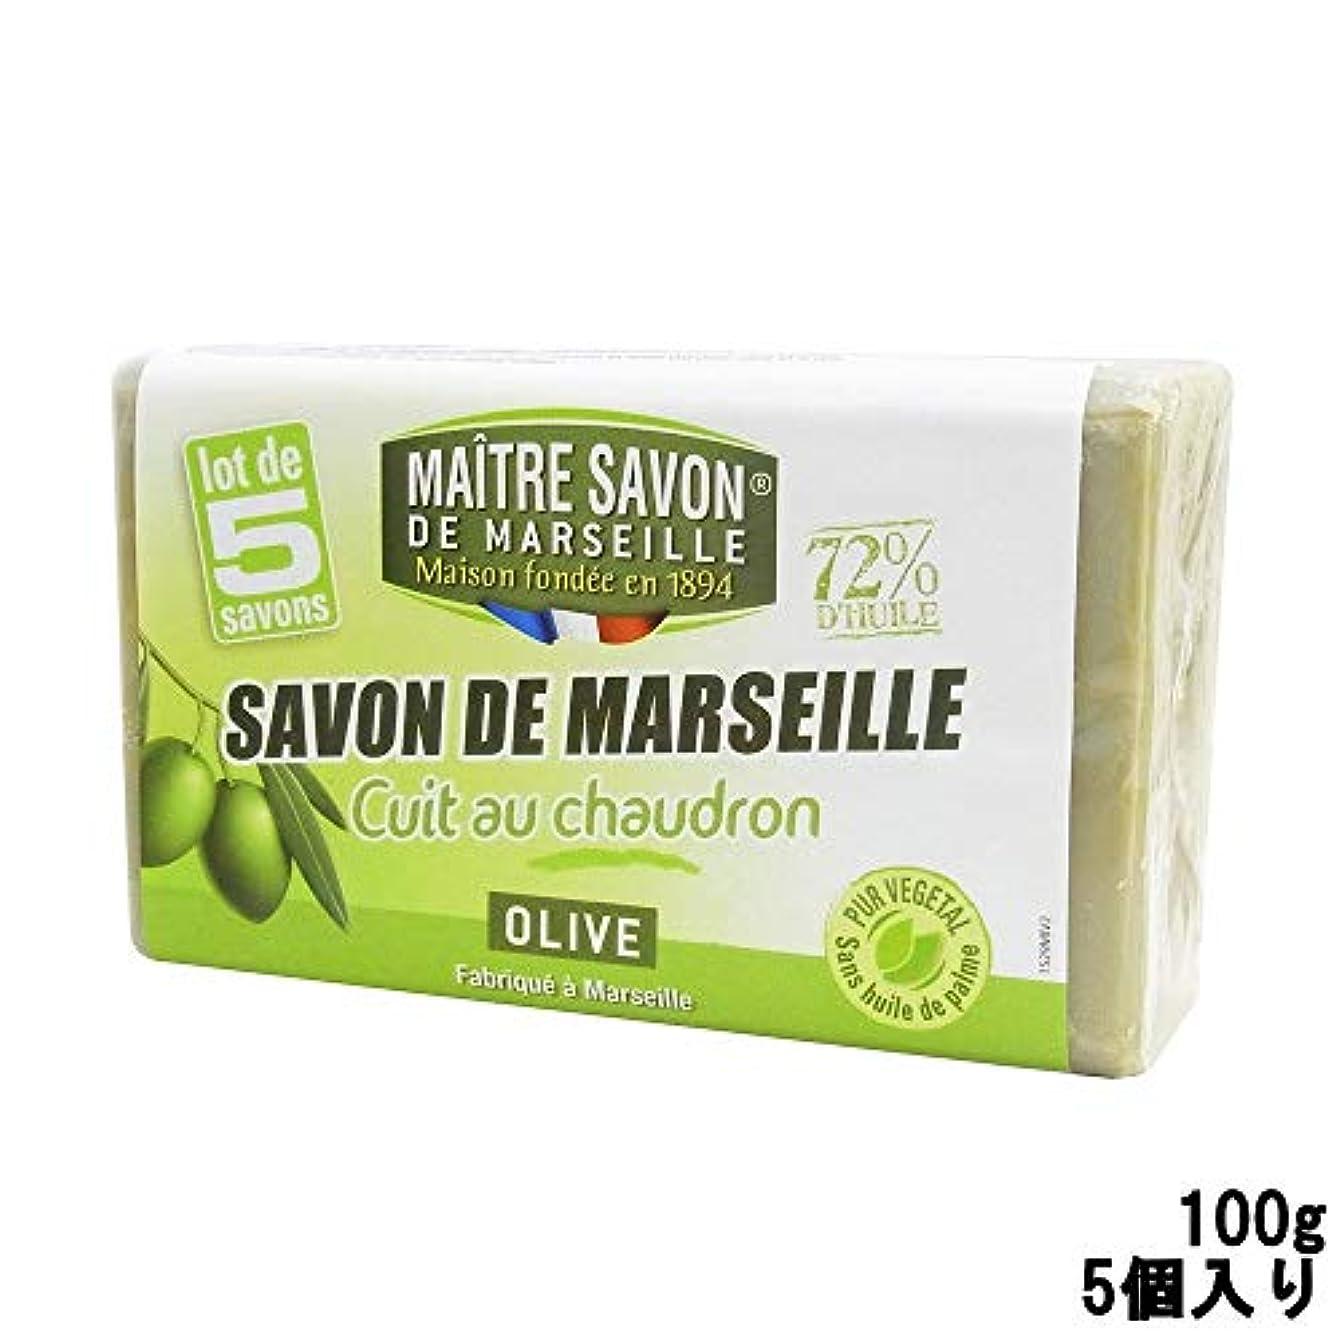 排泄する変更物理的なサボンドマルセイユ オリーブ 100g 5個入り [並行輸入品]